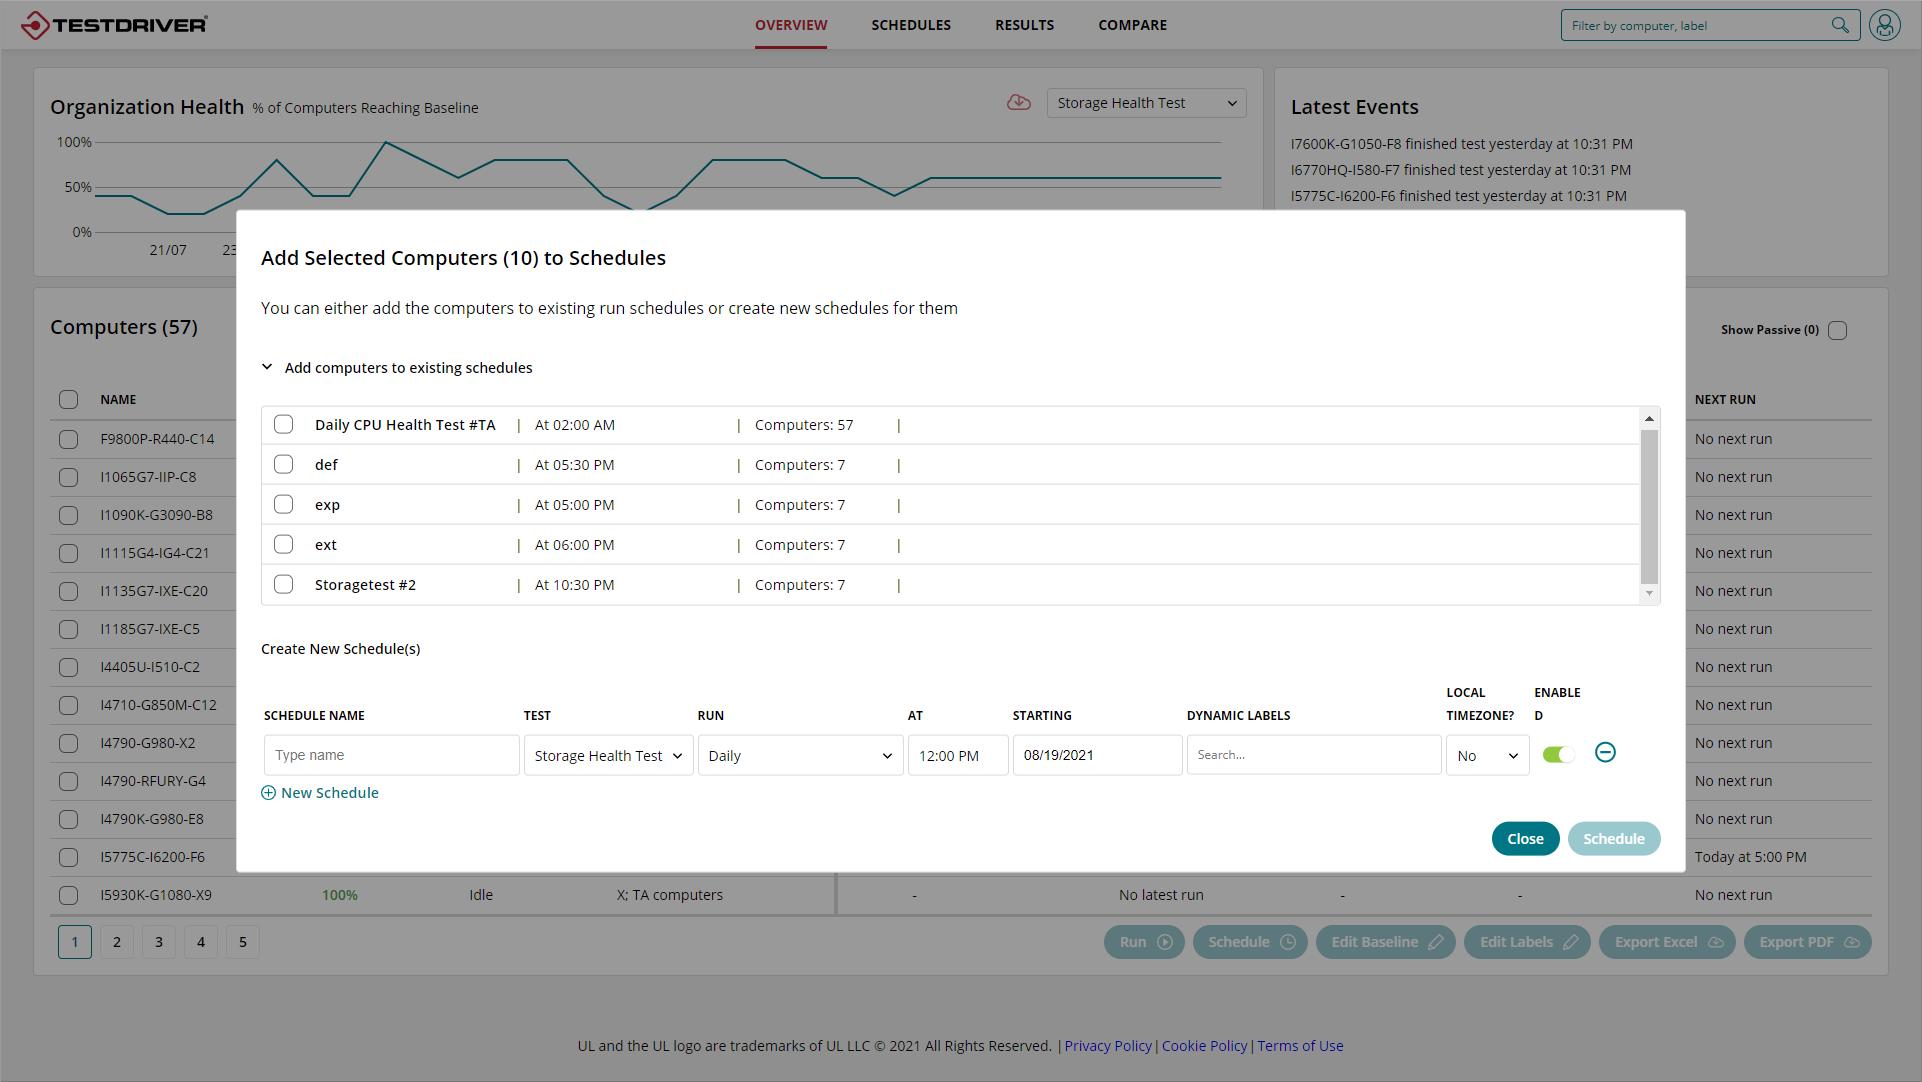 Testdriver Cloud Edition Storage Health Test scheduling